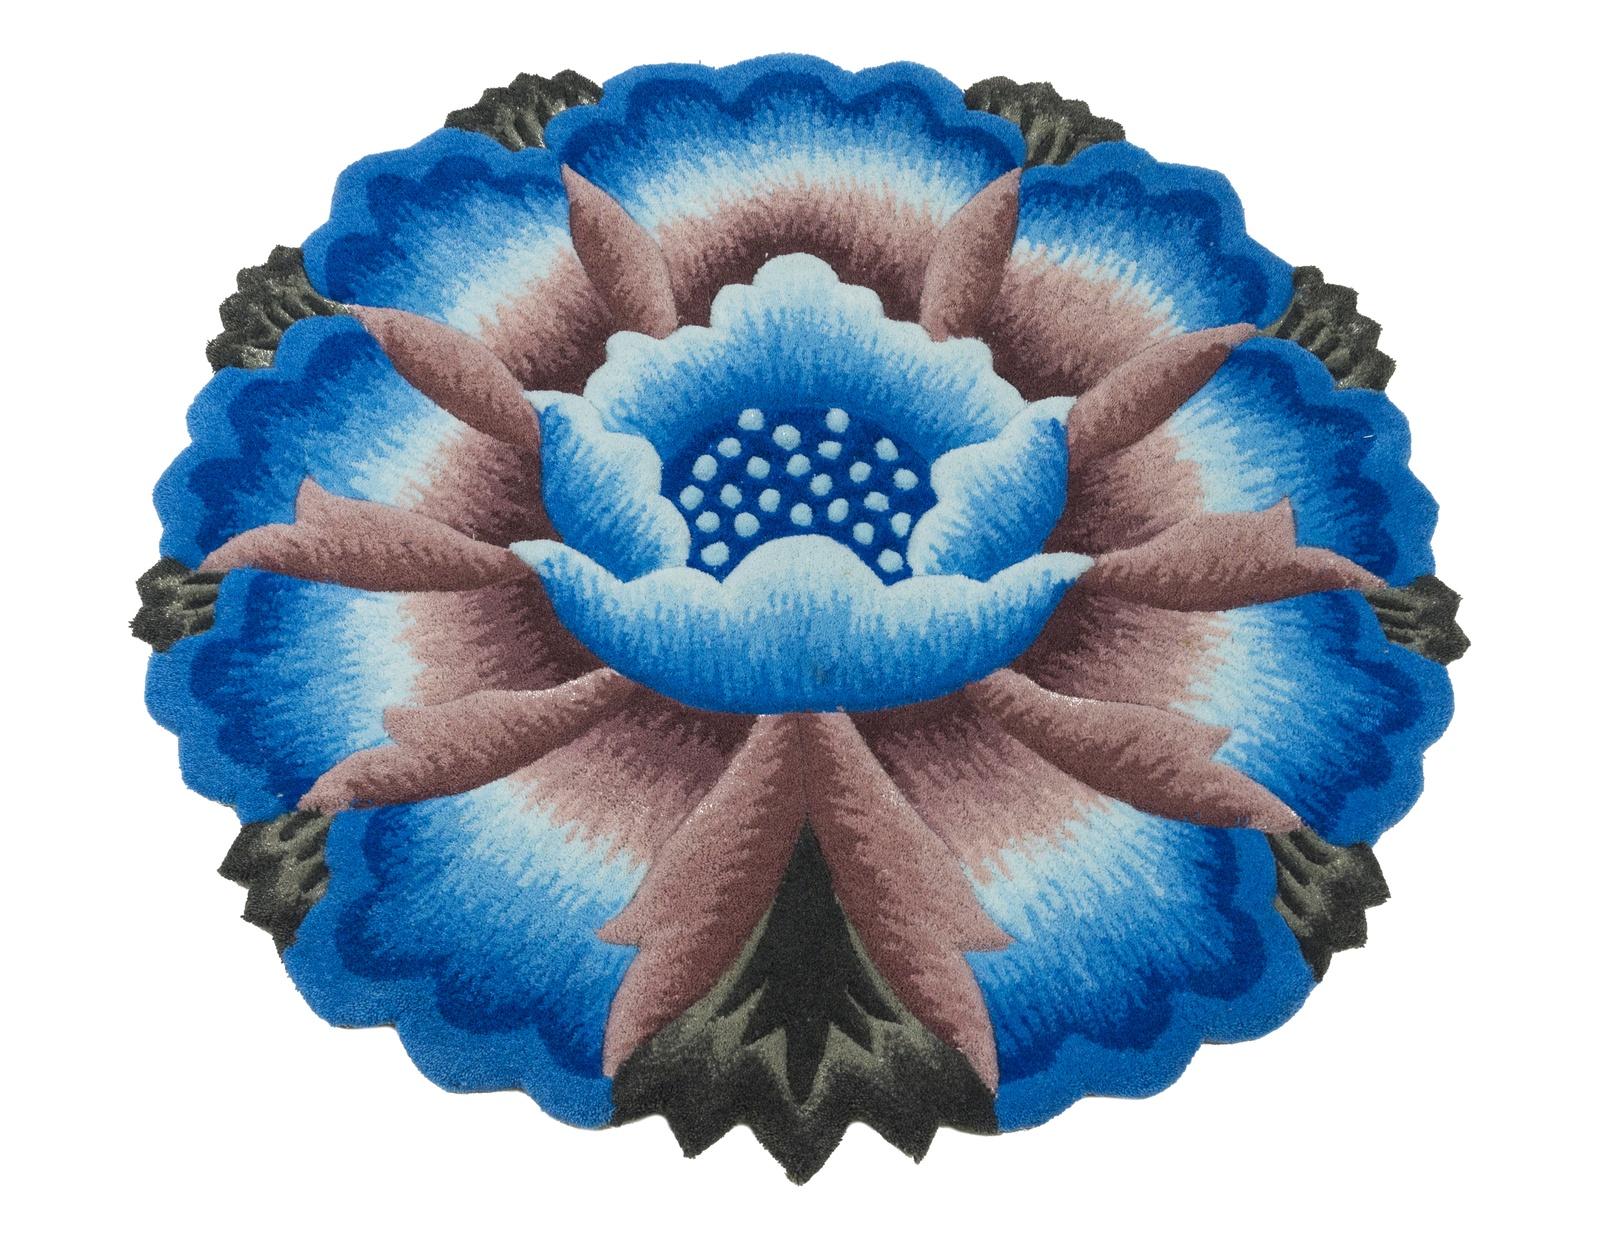 Ковер MADONNA 1,2х1,2 м /фигурный, синий